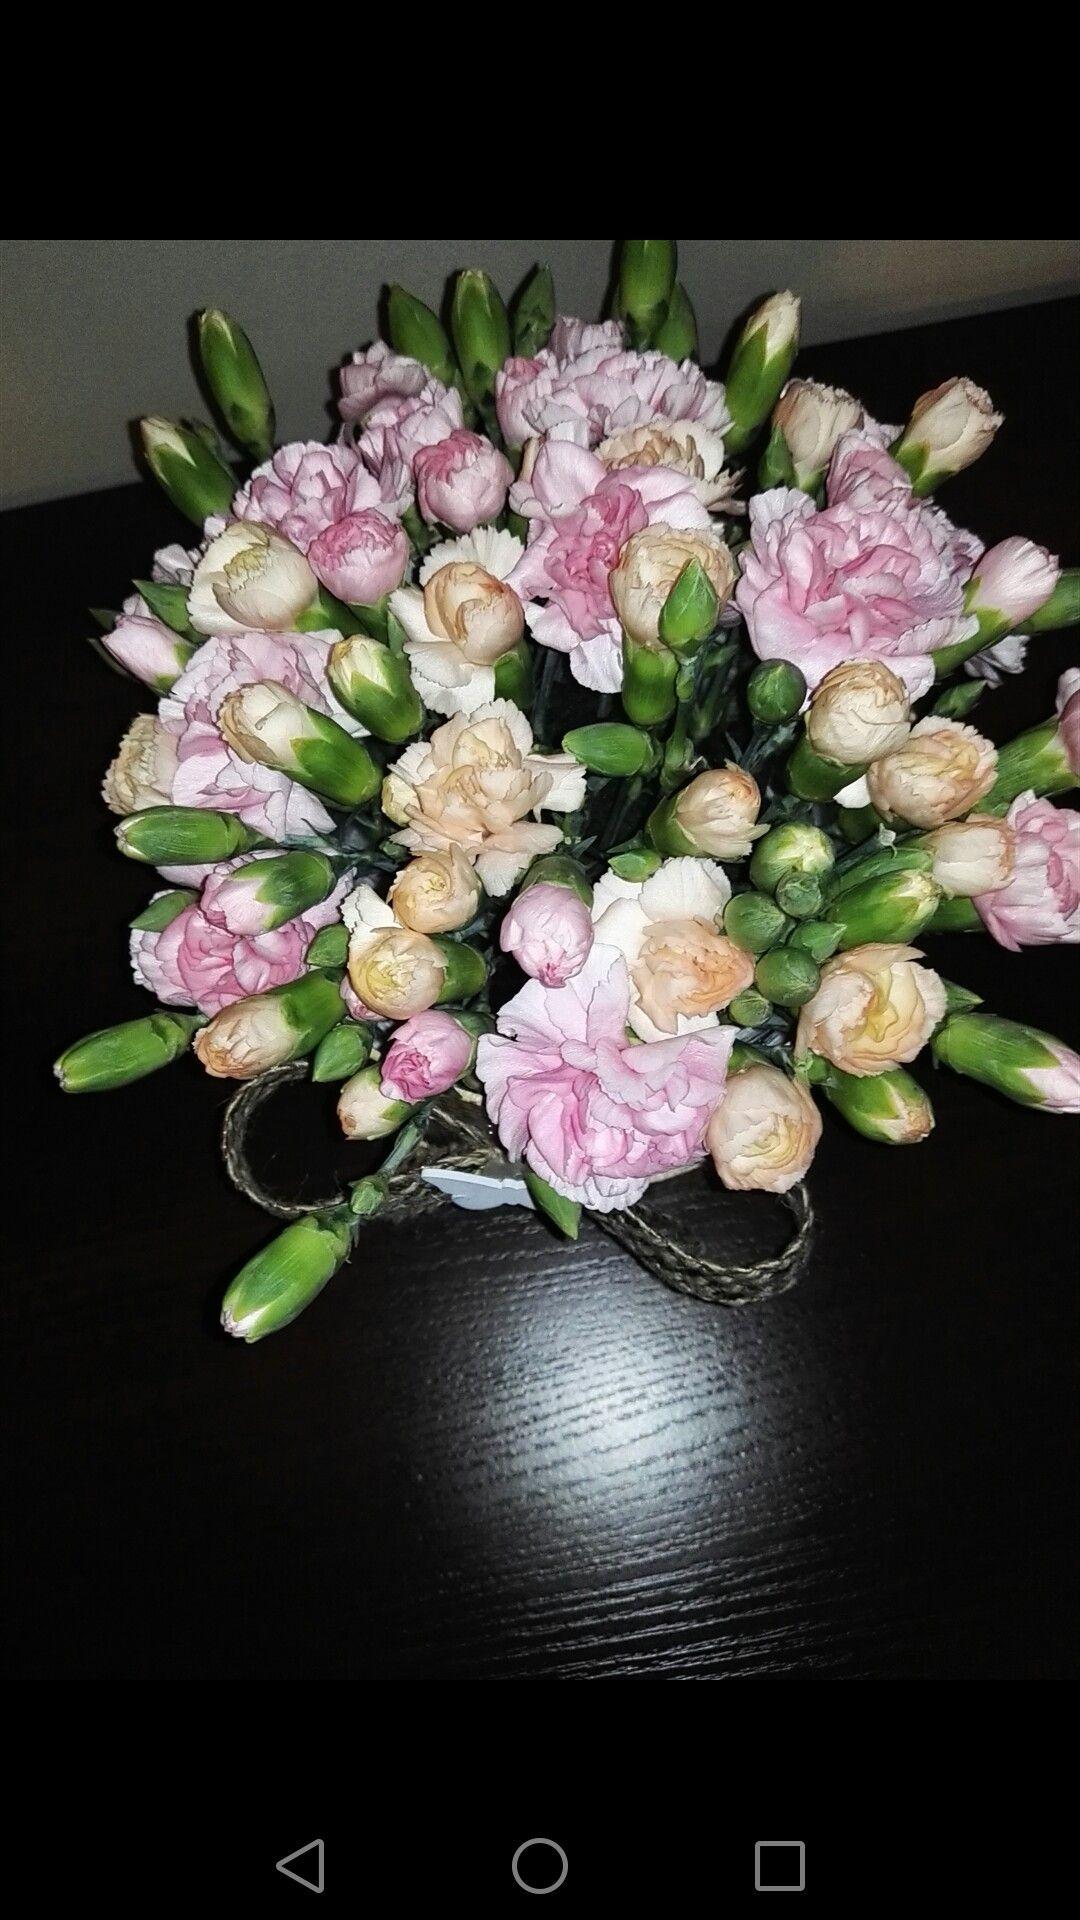 Home Made Flower Box Kwiaty W Pudelku Pomysl Na Bukiet Nowosc Homemade Flowerbox Kwiatywpudelku Pomysl Na Bukiet Now Floral Wreath Floral Home Decor